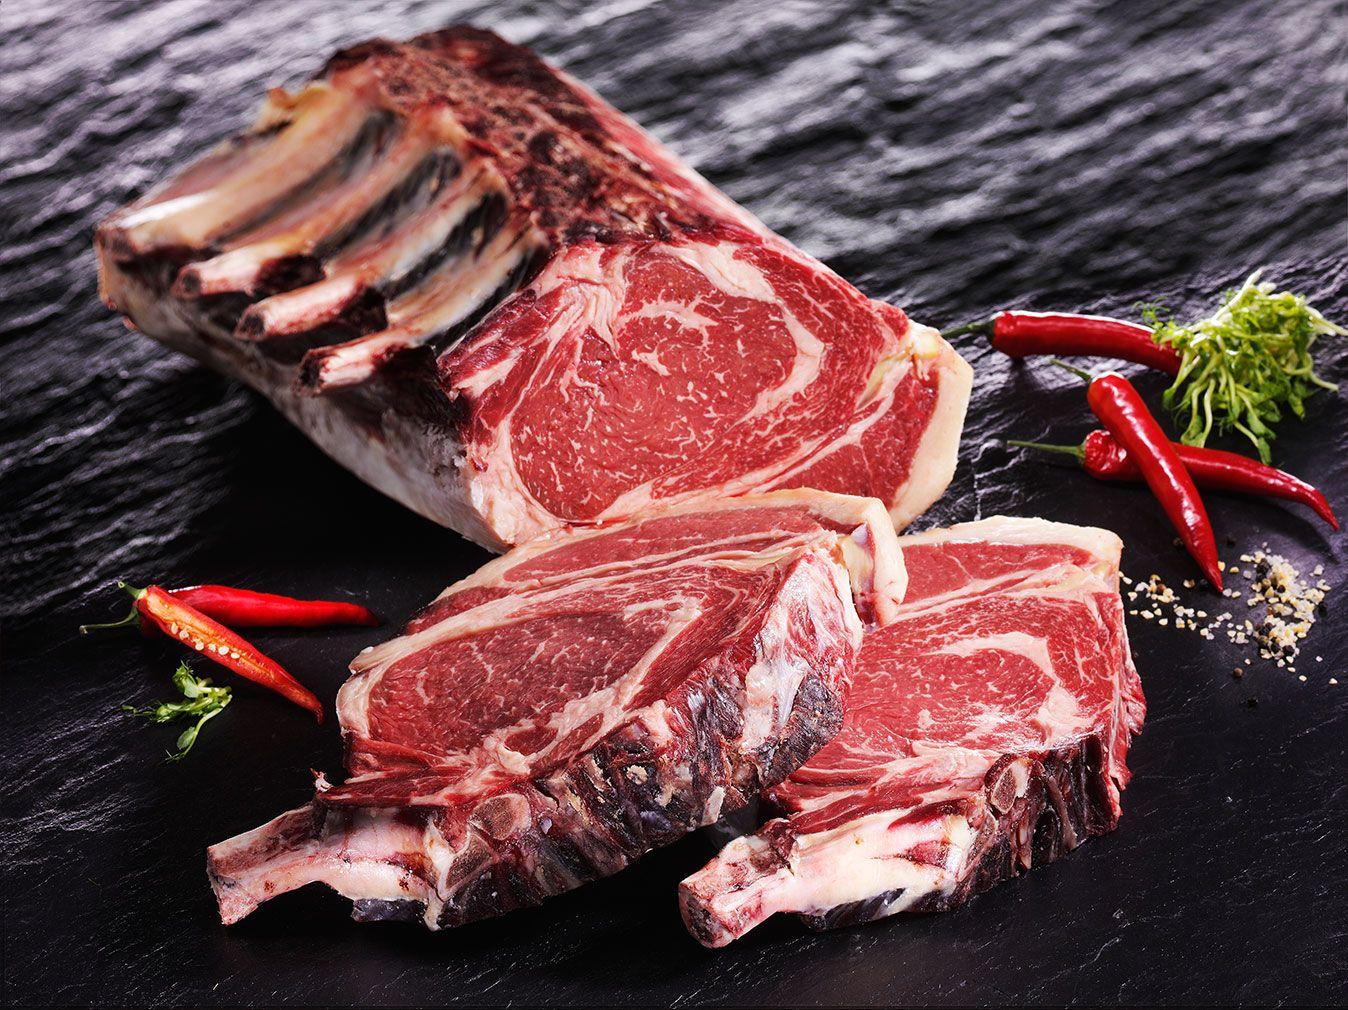 30% Rabatt bei BEILEREI.COM auf das Beste vom Allerbesten - DAS Fleisch